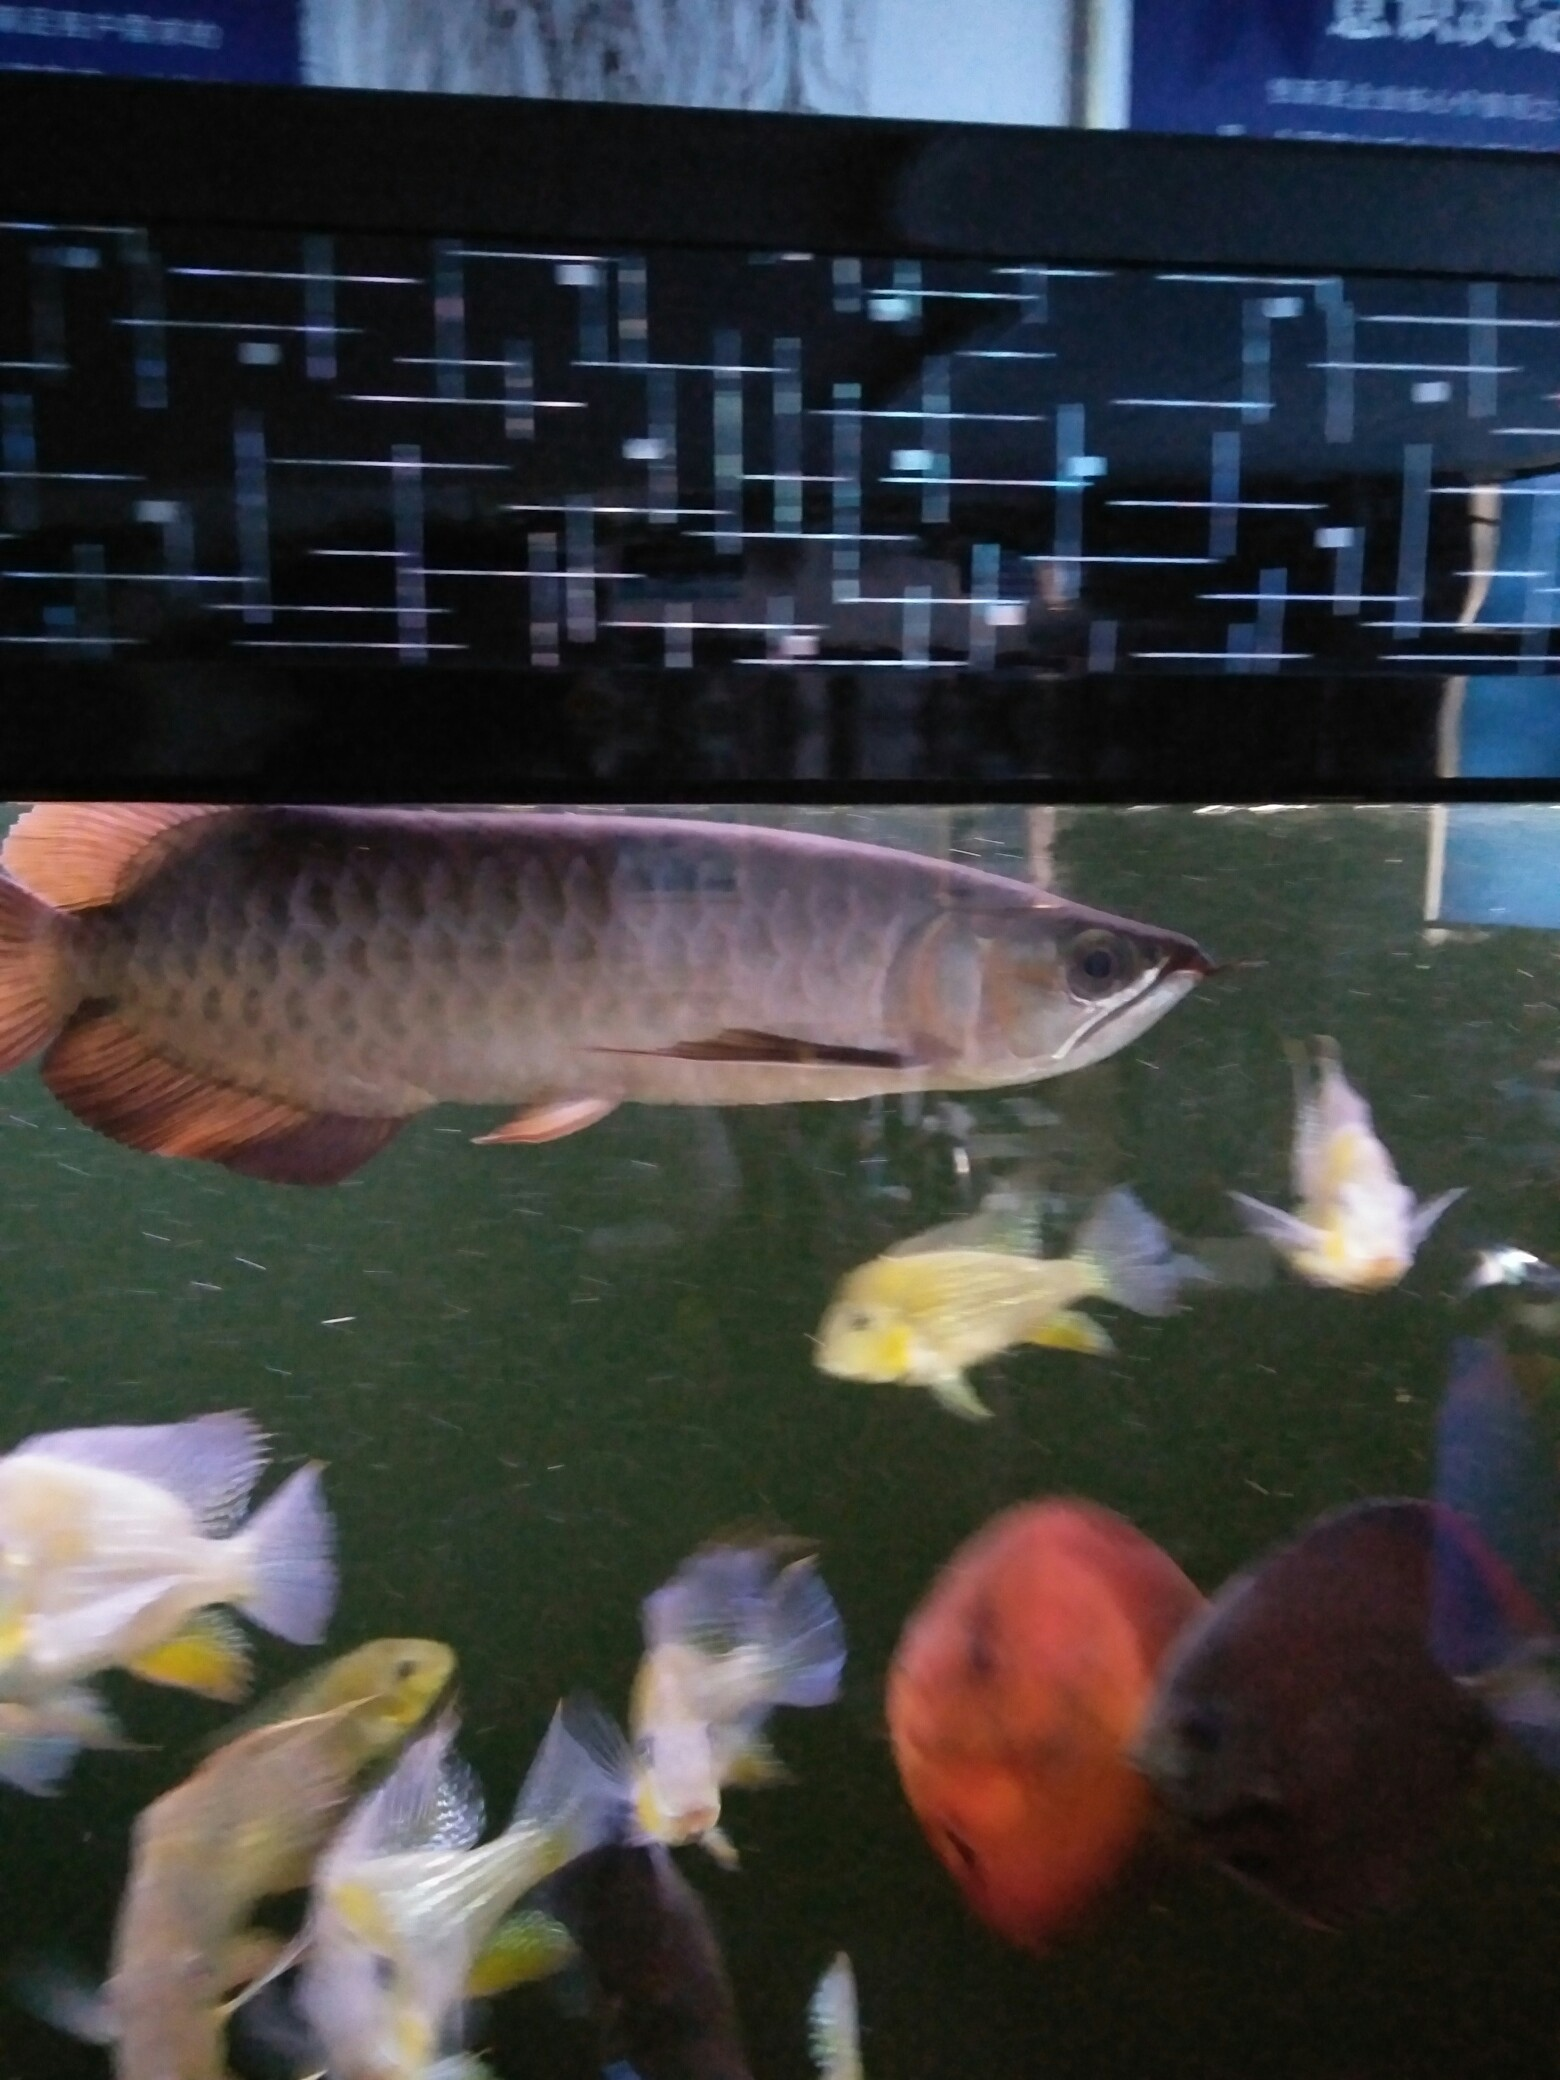 【西安红木实木鱼缸】龙鱼厌食的三种情况 西安龙鱼论坛 西安博特第1张